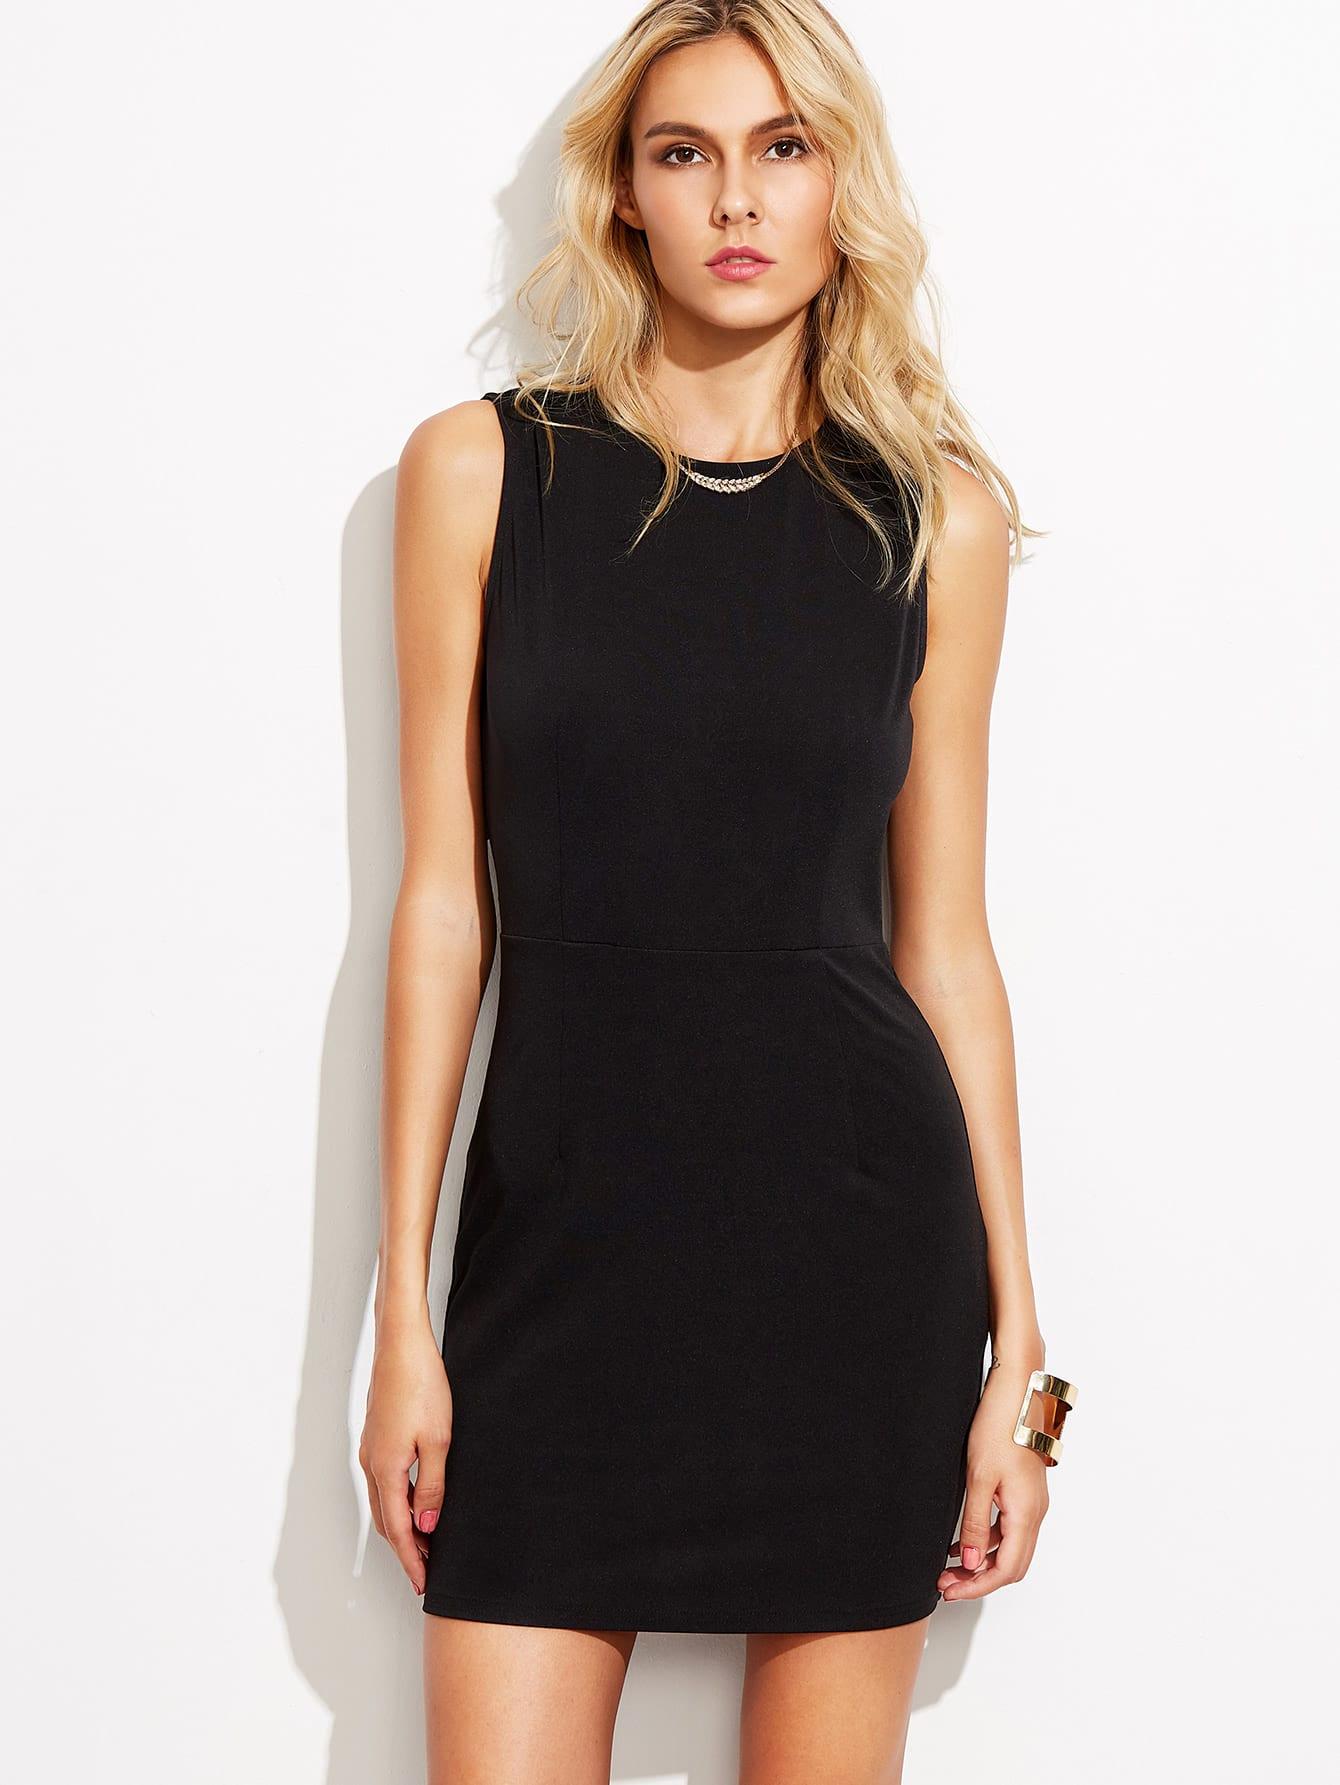 dress160818704_2